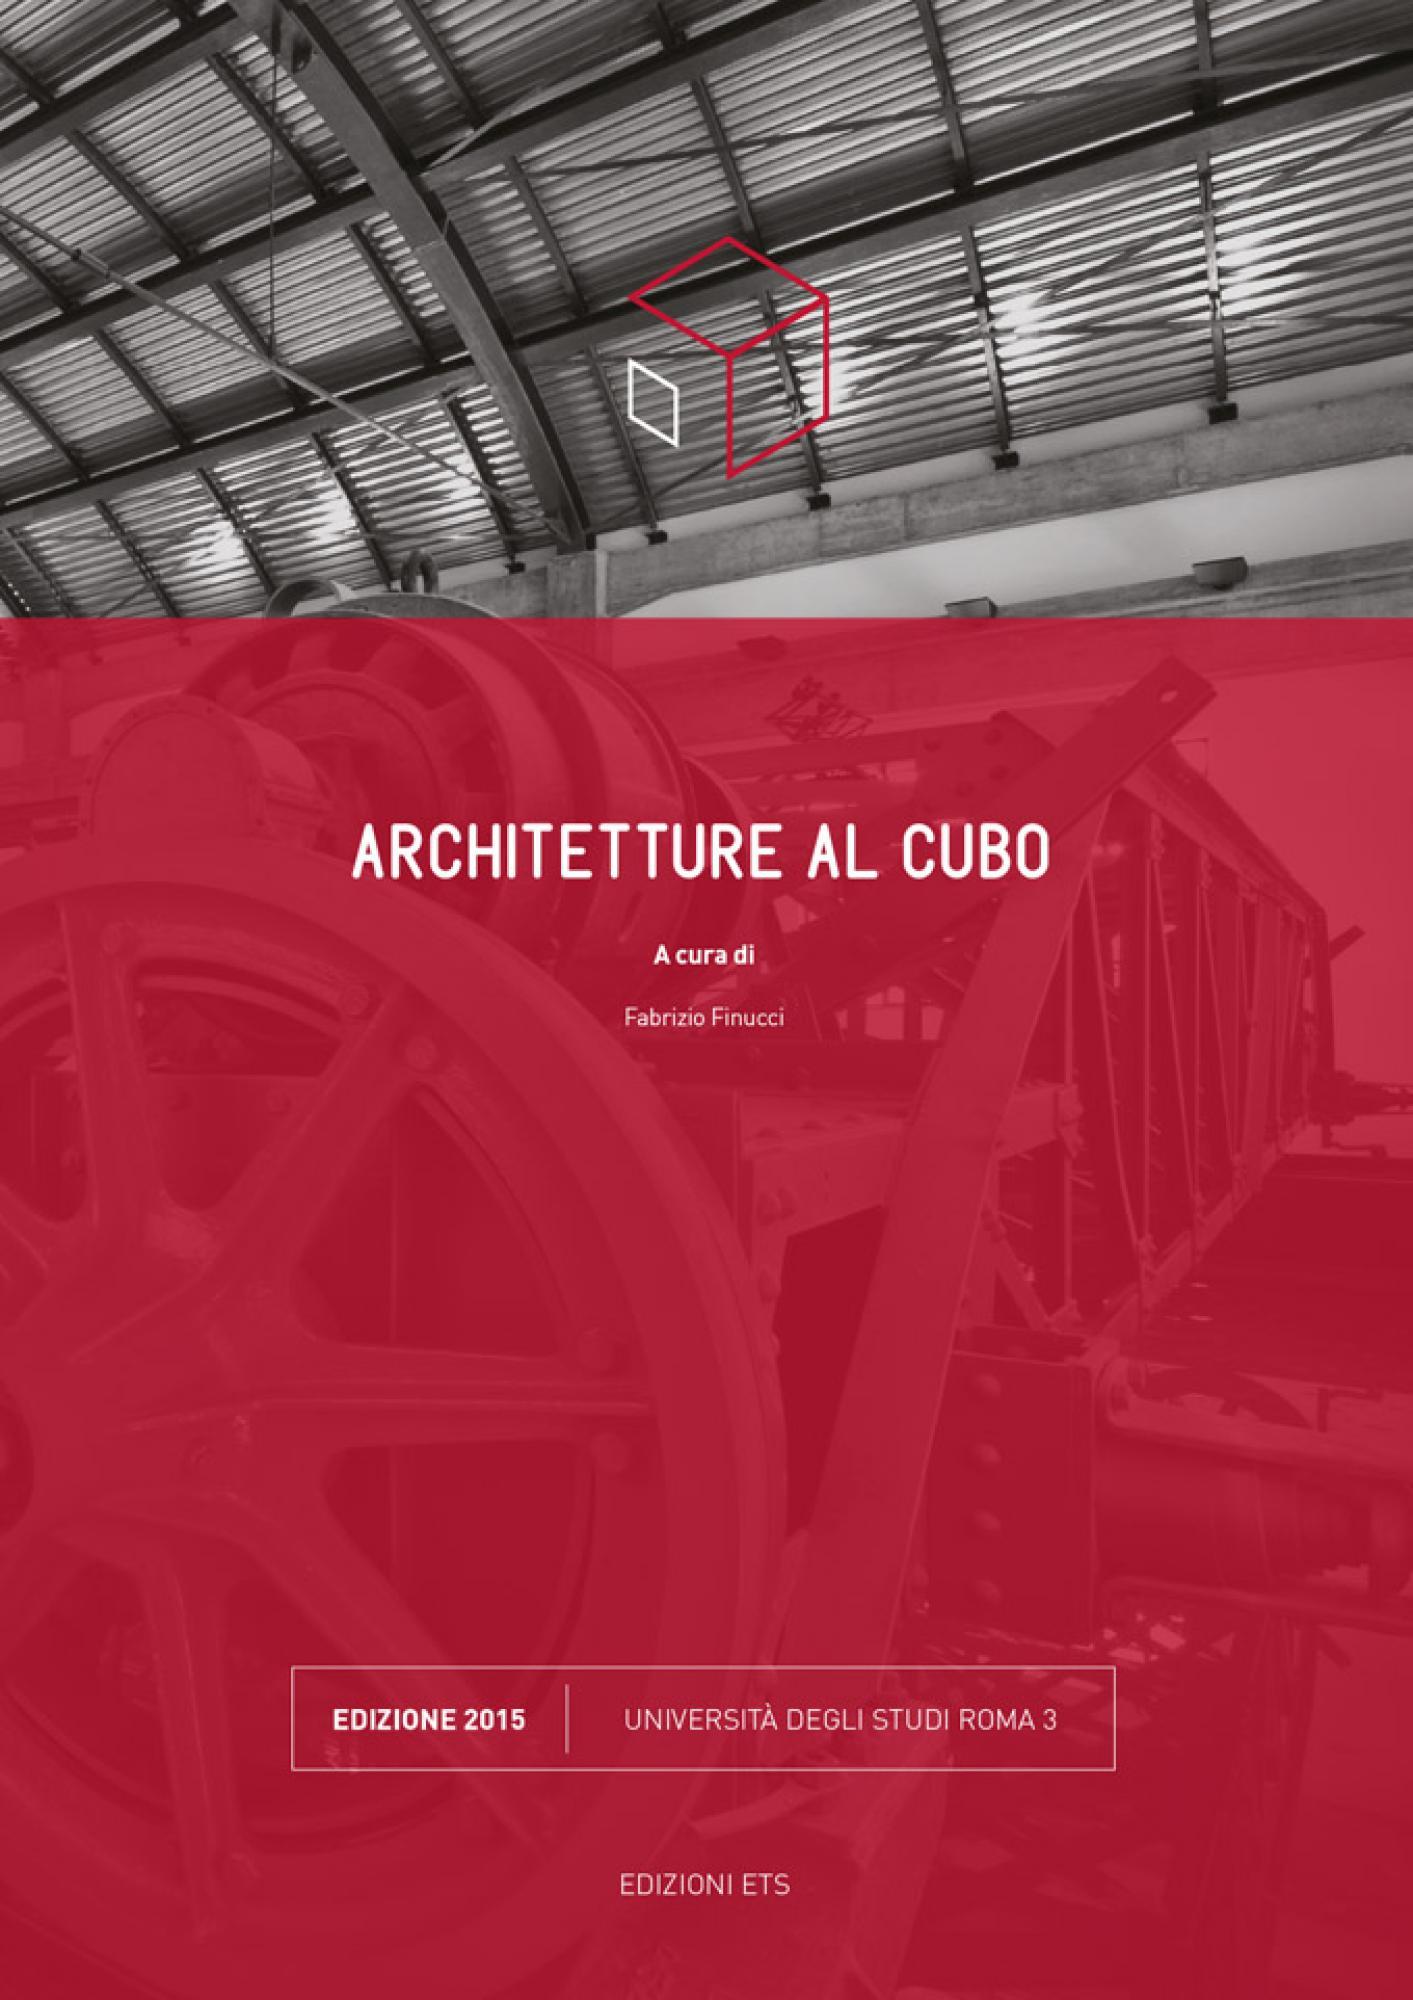 Architetture al cubo.Edizione 2015